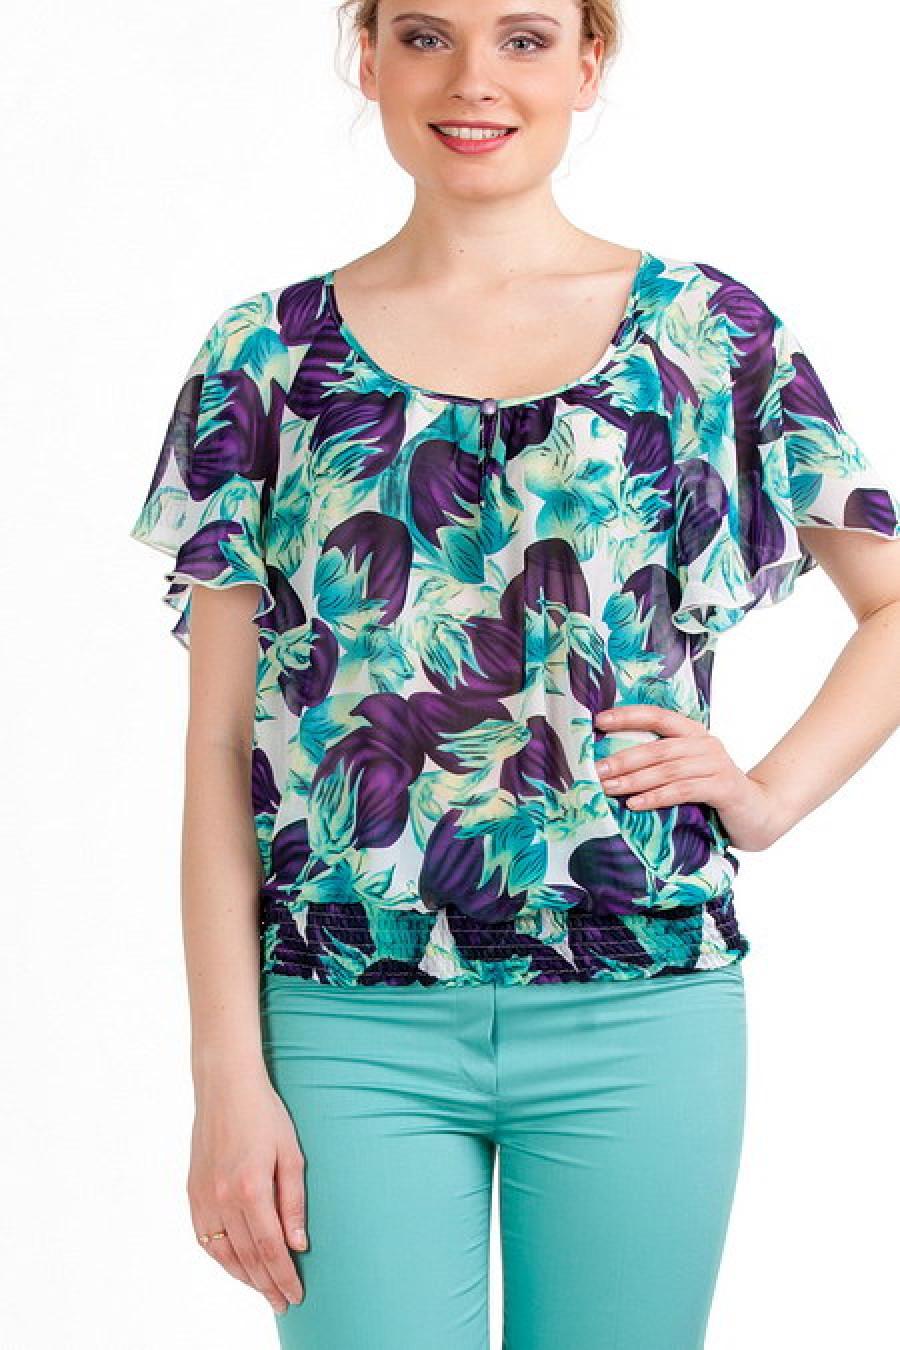 Блузки Для Женщин Летние С Доставкой